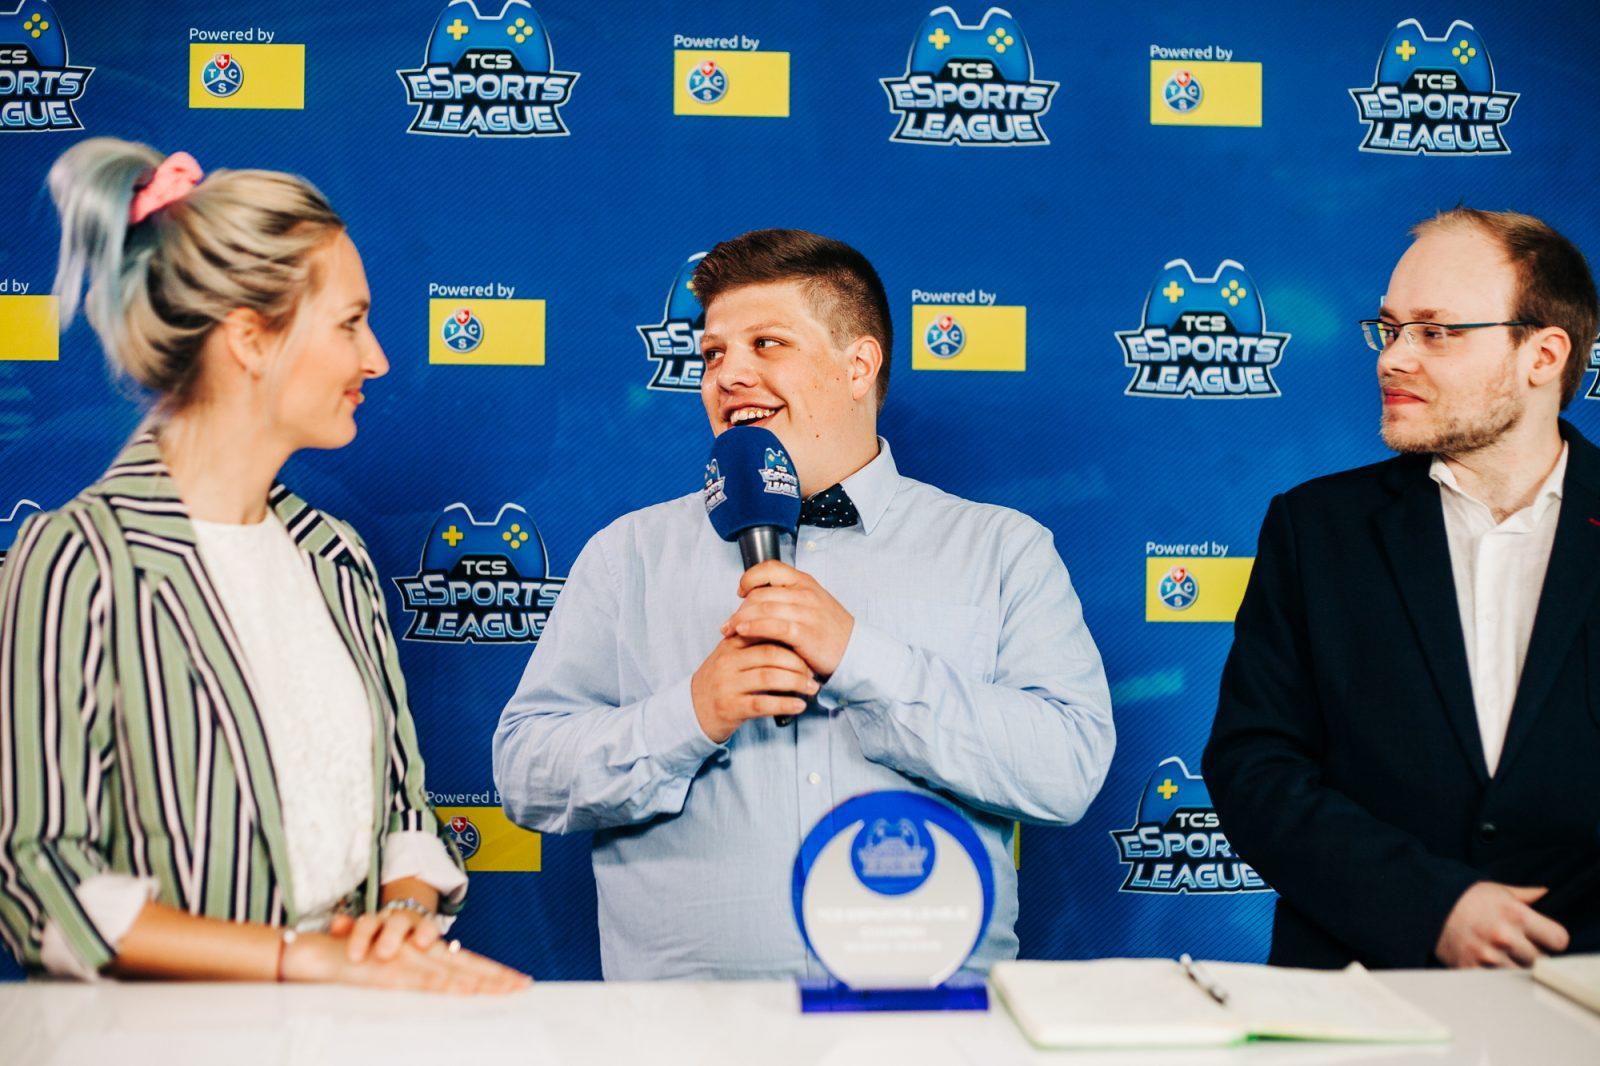 Eine Frau und zwei Männer sprechen mit Mikrofon miteinander. Vor ihnen steht ein Pokal.